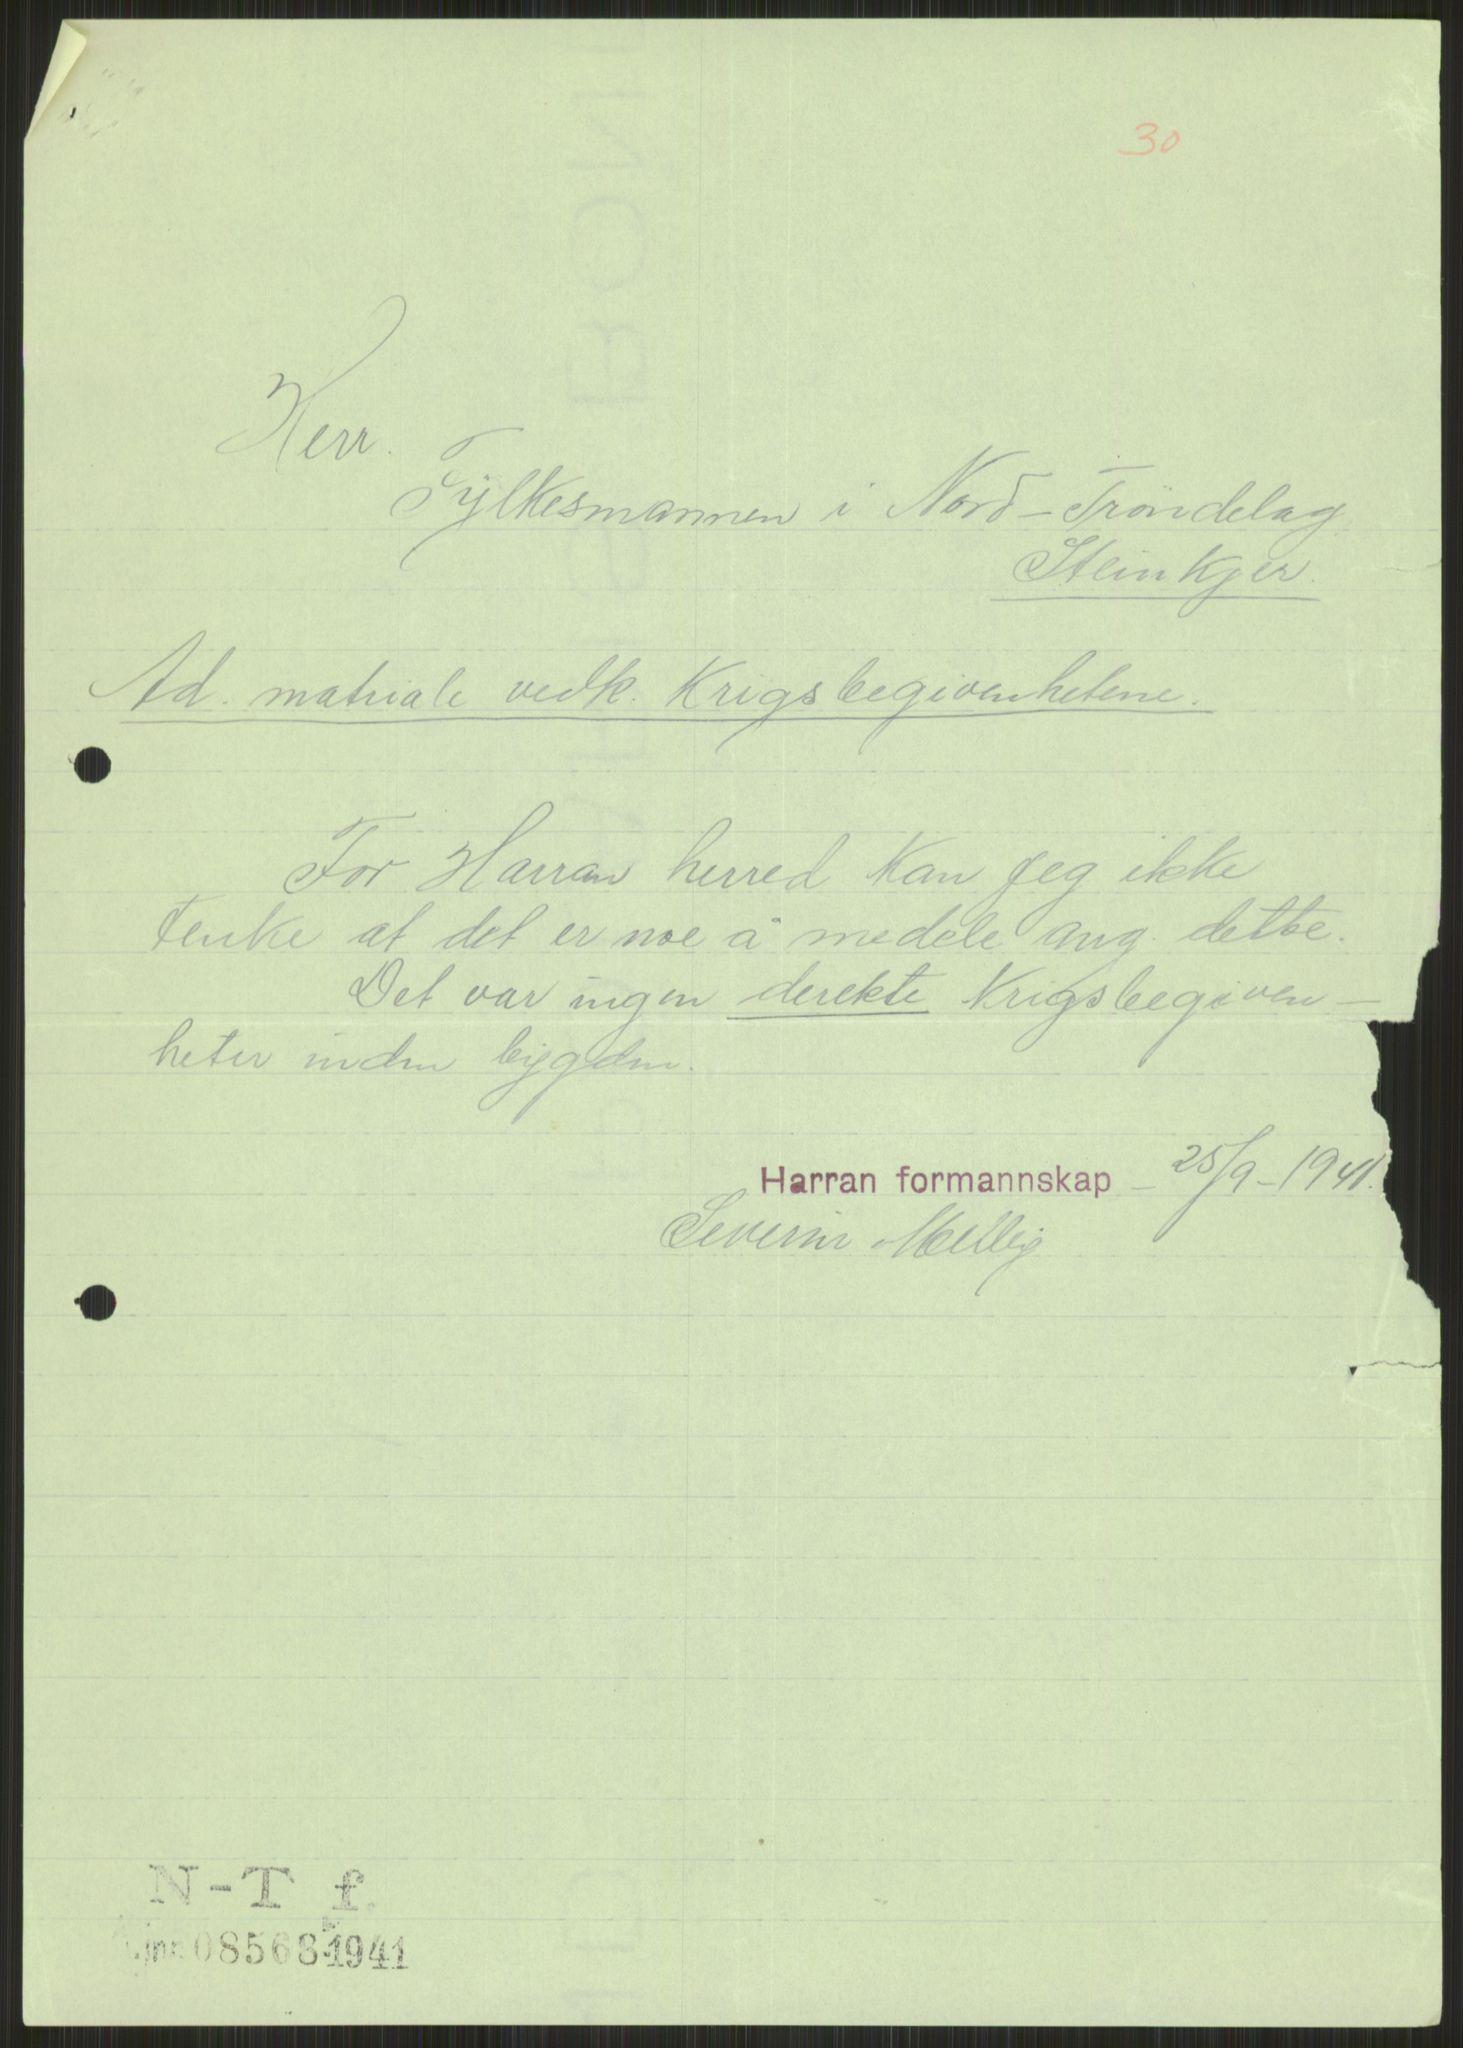 RA, Forsvaret, Forsvarets krigshistoriske avdeling, Y/Ya/L0016: II-C-11-31 - Fylkesmenn.  Rapporter om krigsbegivenhetene 1940., 1940, s. 469